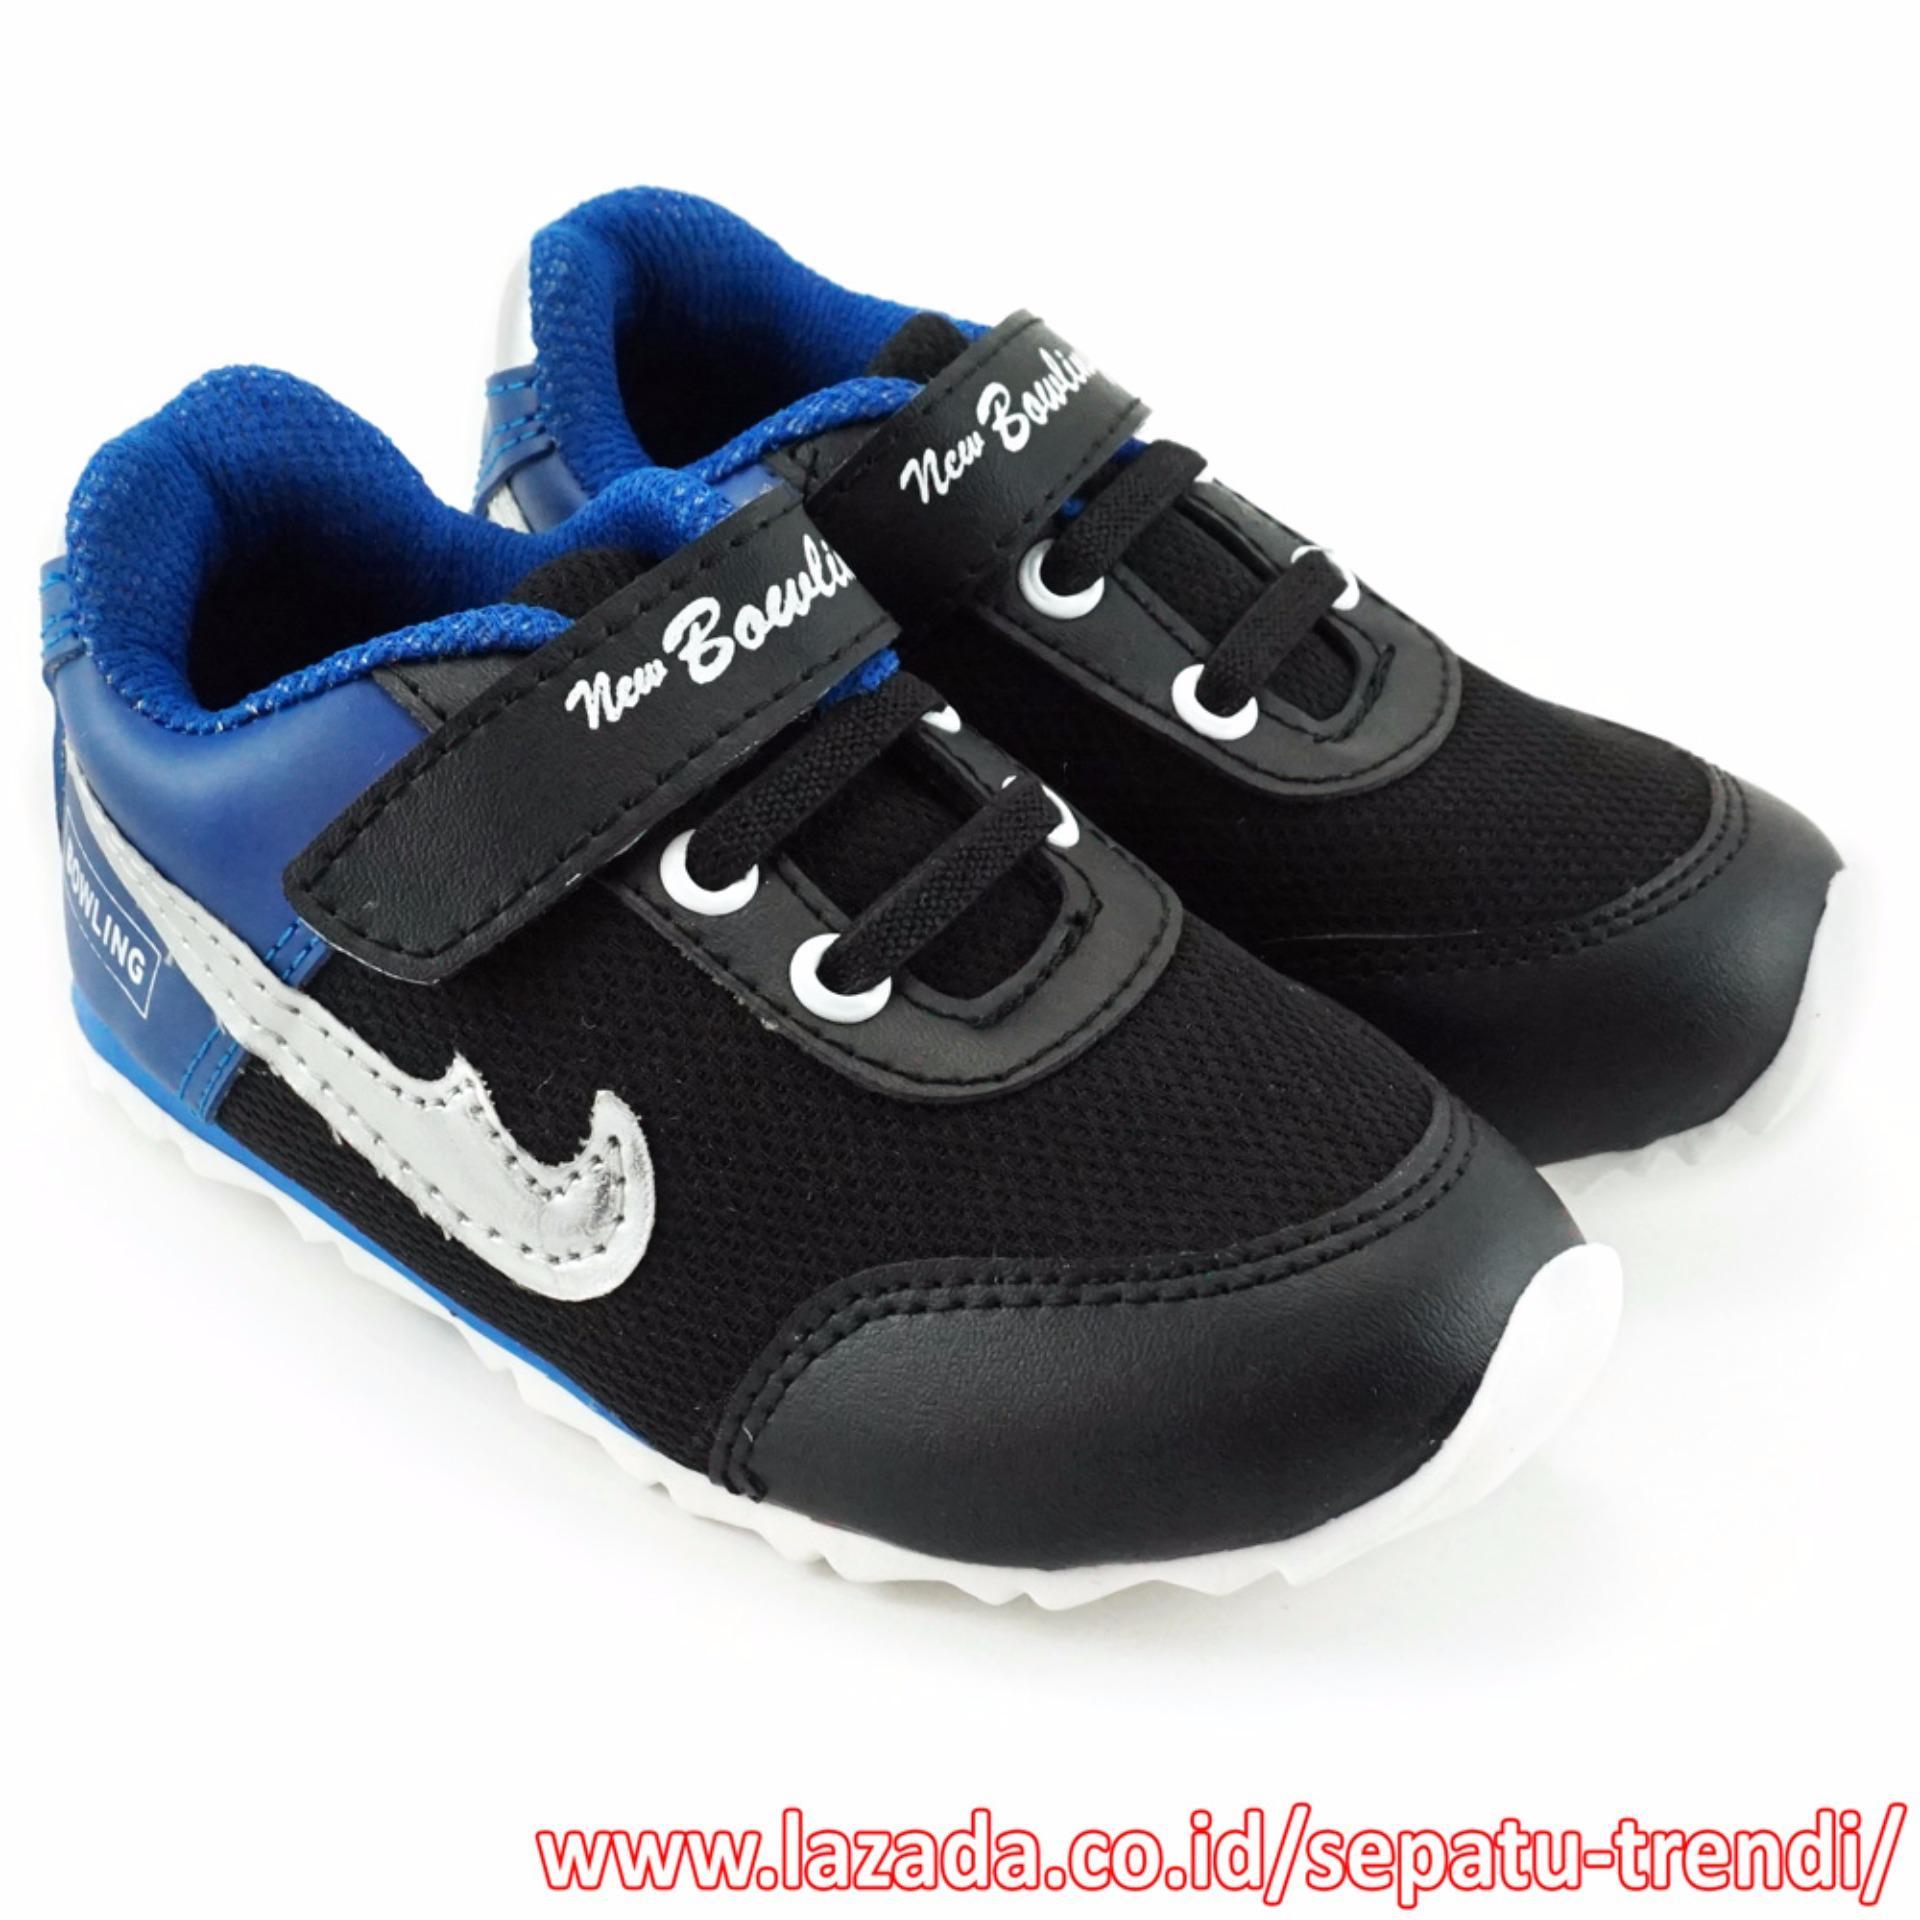 Jual Trendishoes Sepatu Anak Sporty New Bowling Biru Trendishoes Grosir